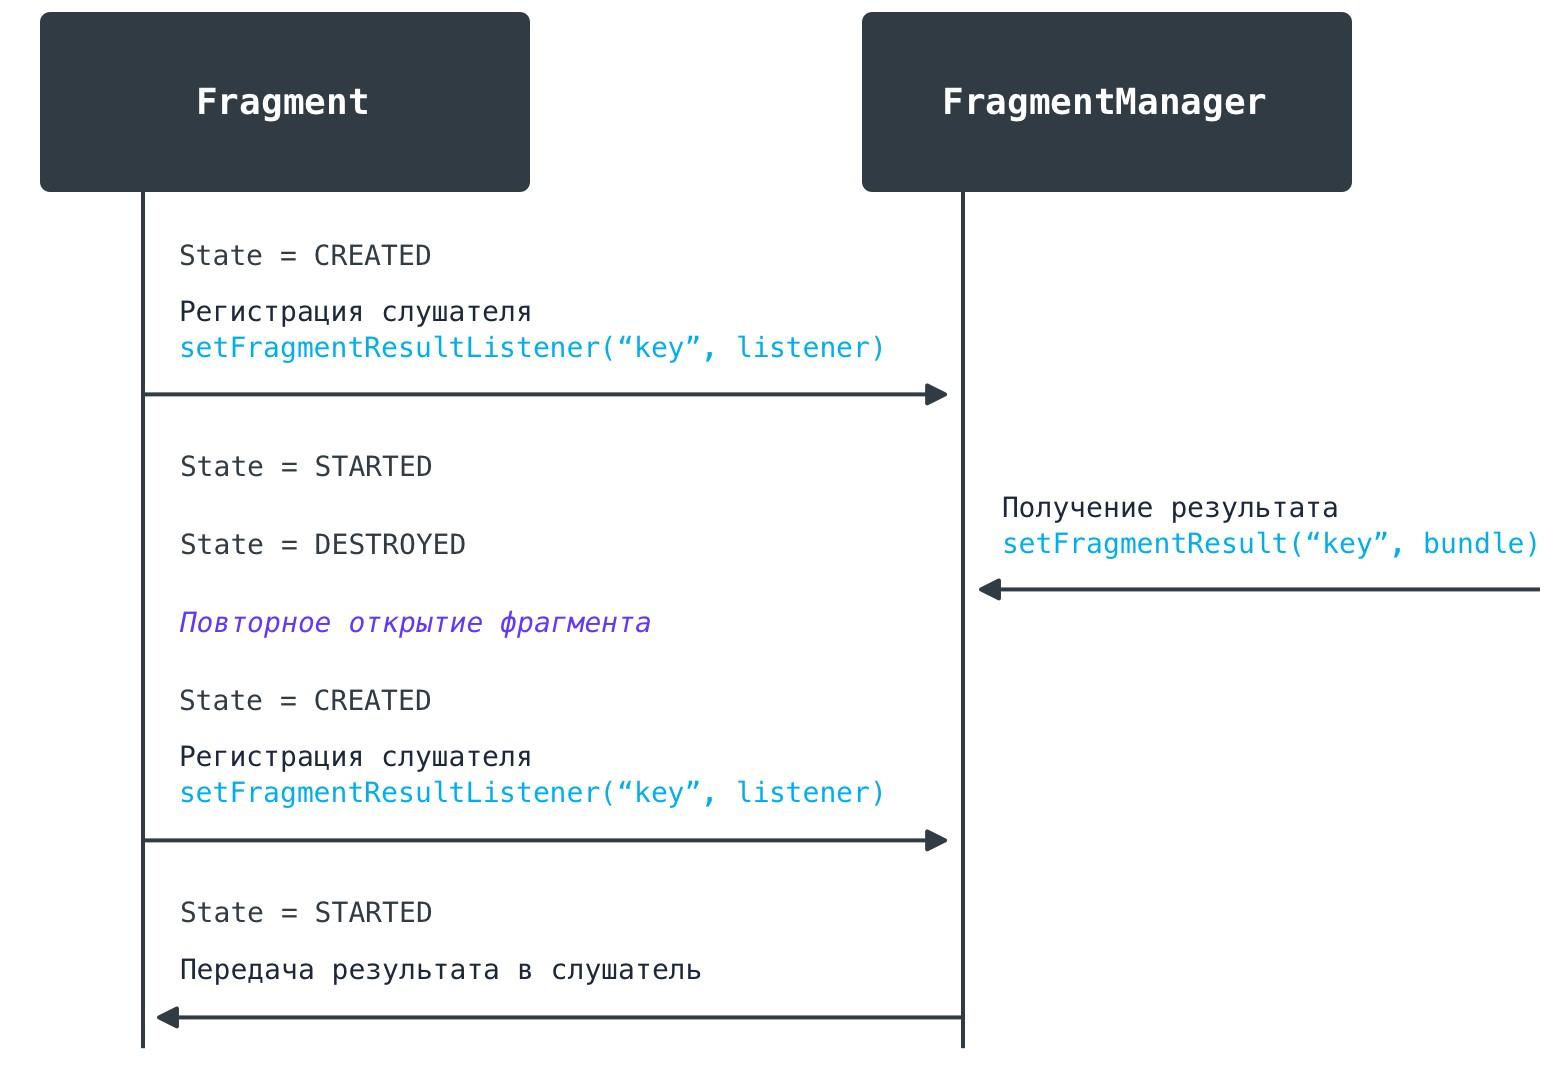 Если фрагмент фрагмент-подписчик был закрыт до отправки результата, он получит его при повторном открытии.